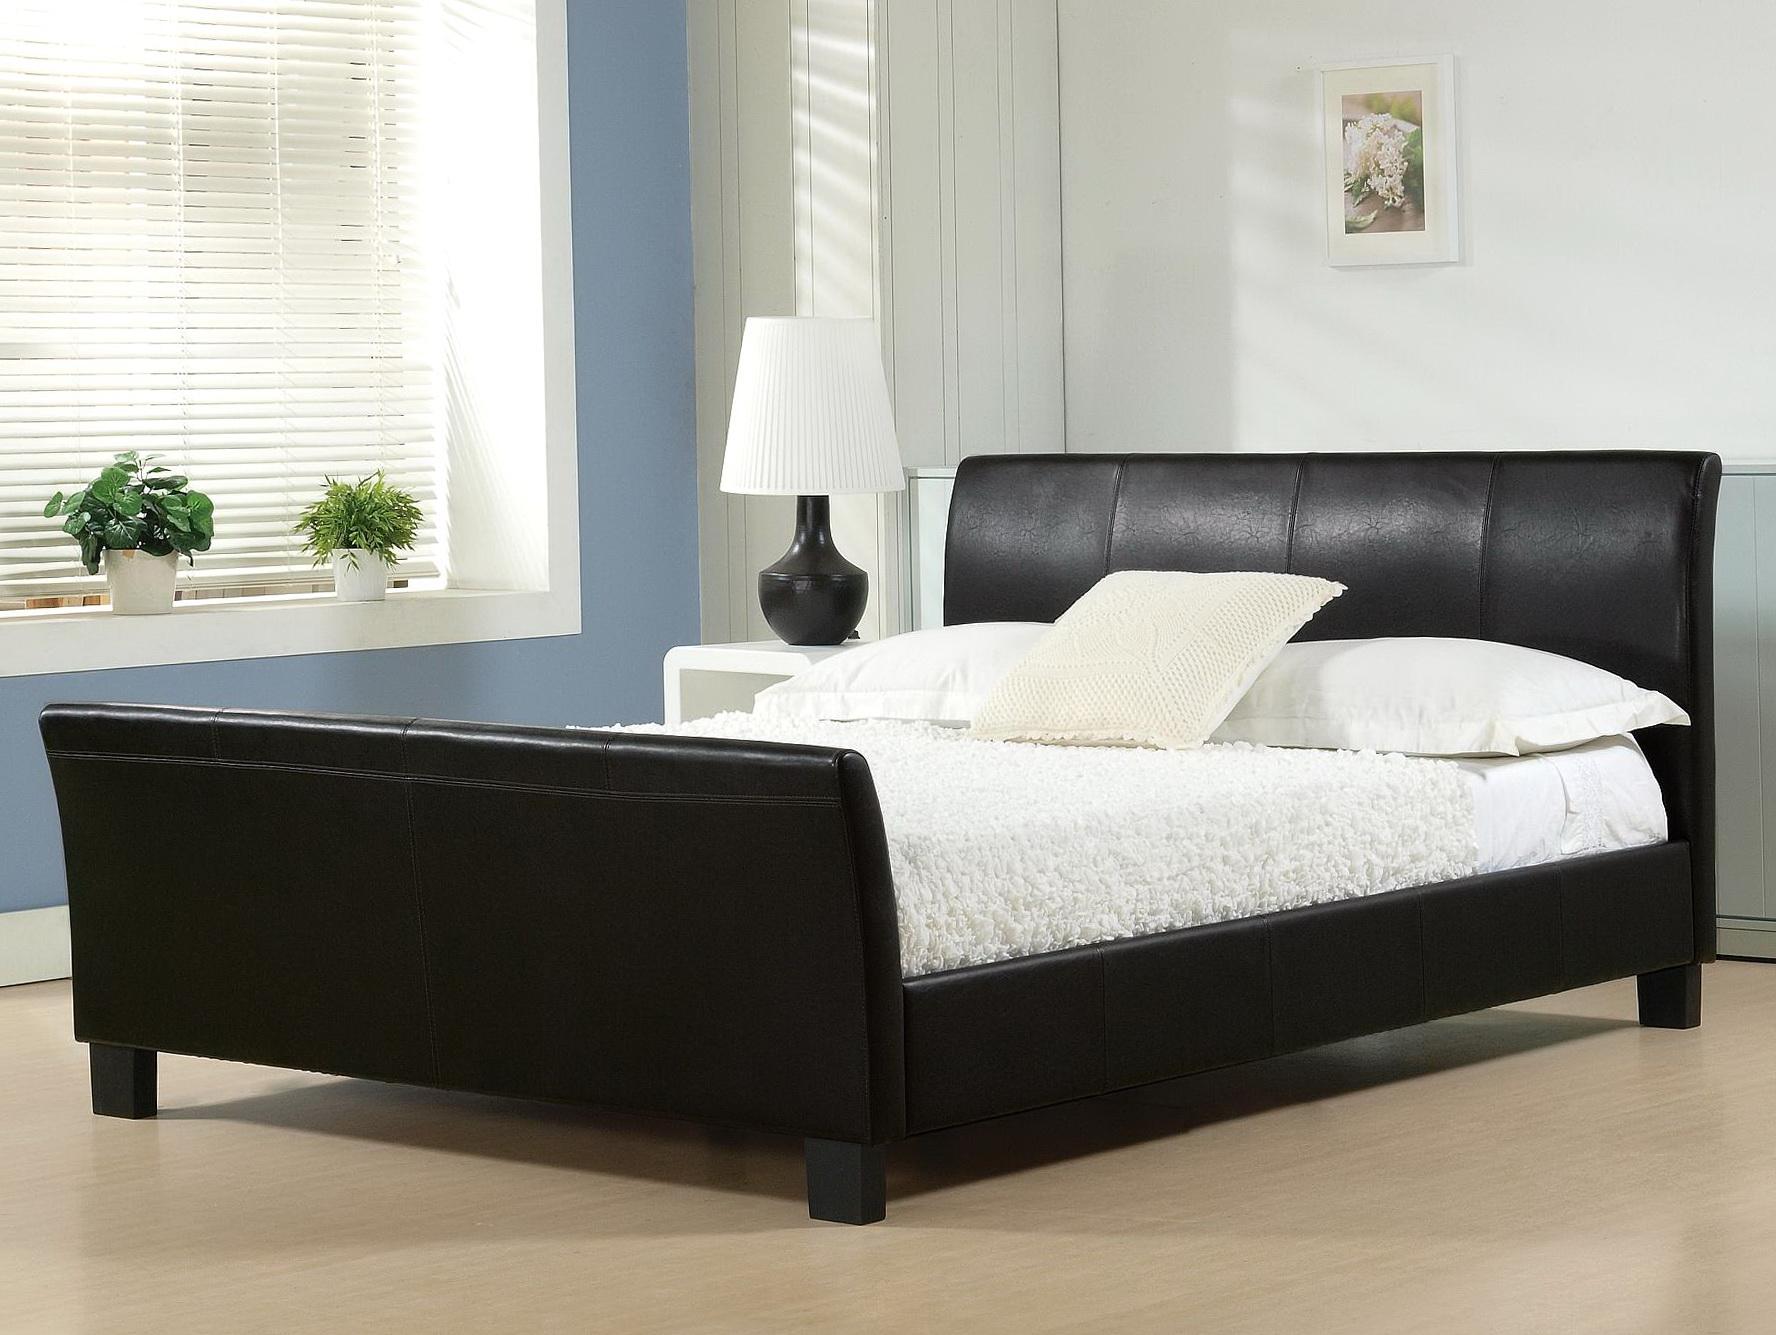 100 bed leather headboard alpine furniture ncc 07ck costa m